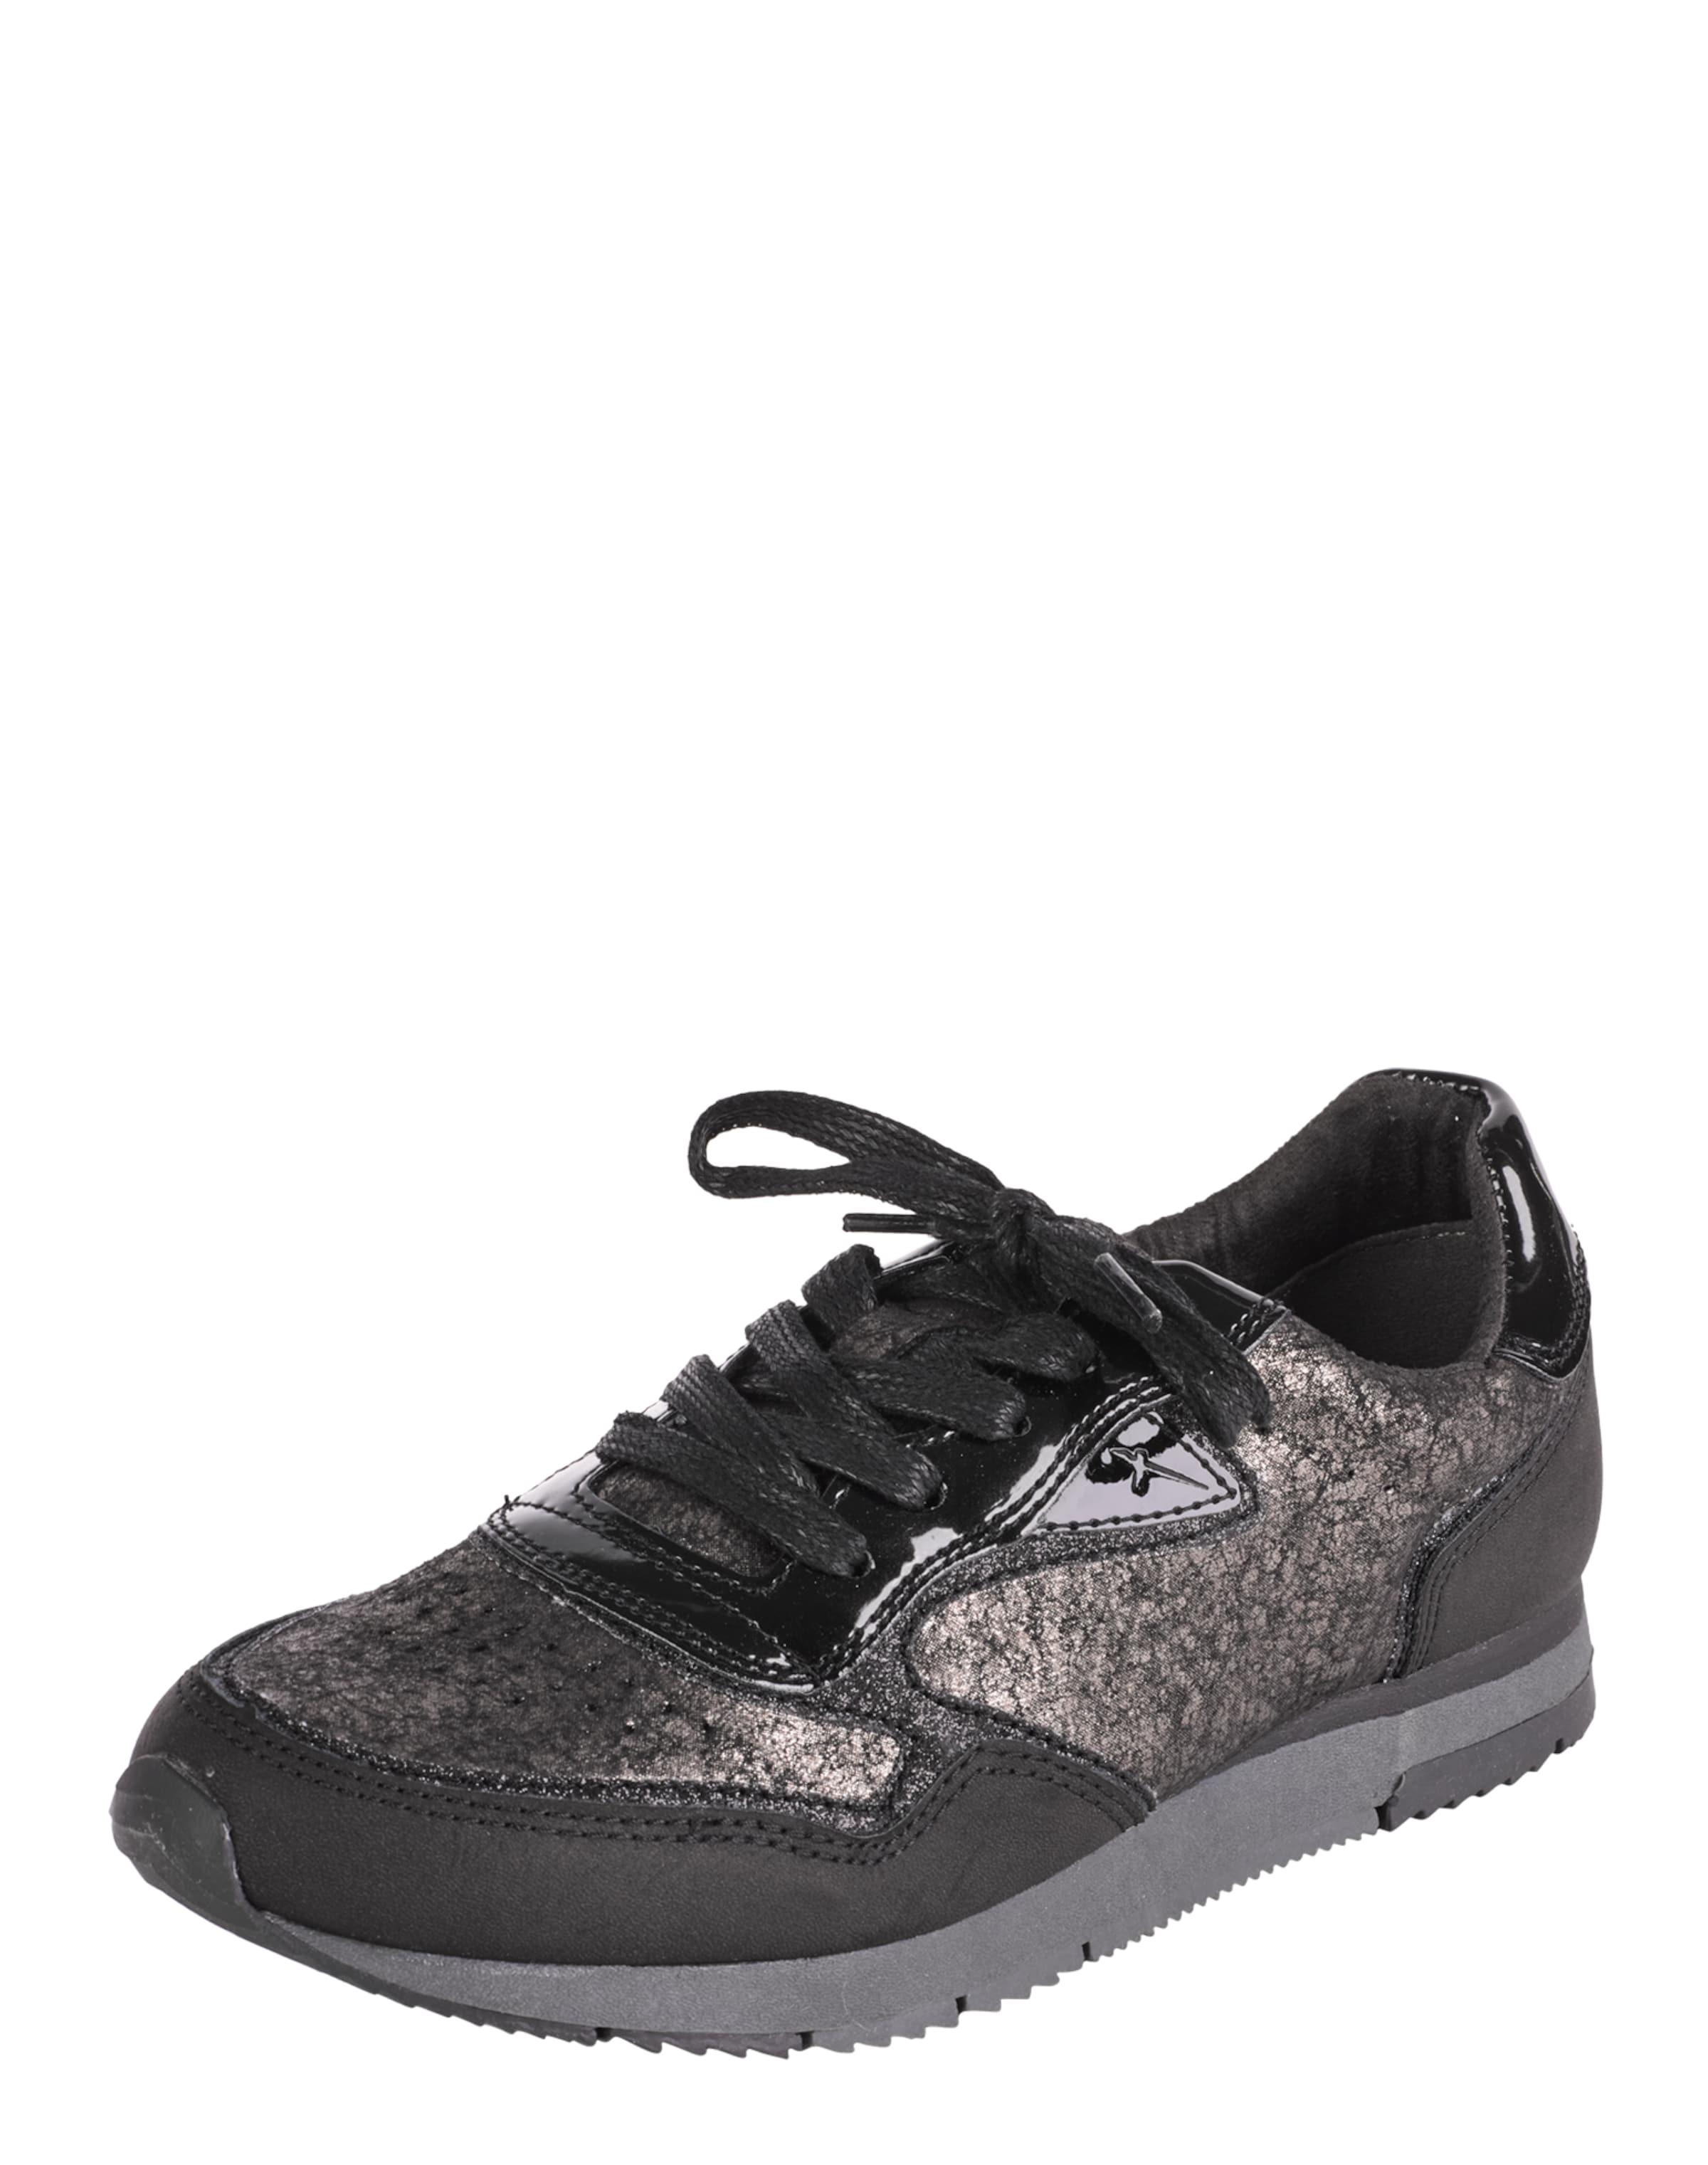 Rabatt Wie Viel Rabatt Mit Kreditkarte TAMARIS Sneakers mit Metallic-Design 2018 Neueste Online-Verkauf Footlocker Zum Verkauf d2z77irU2